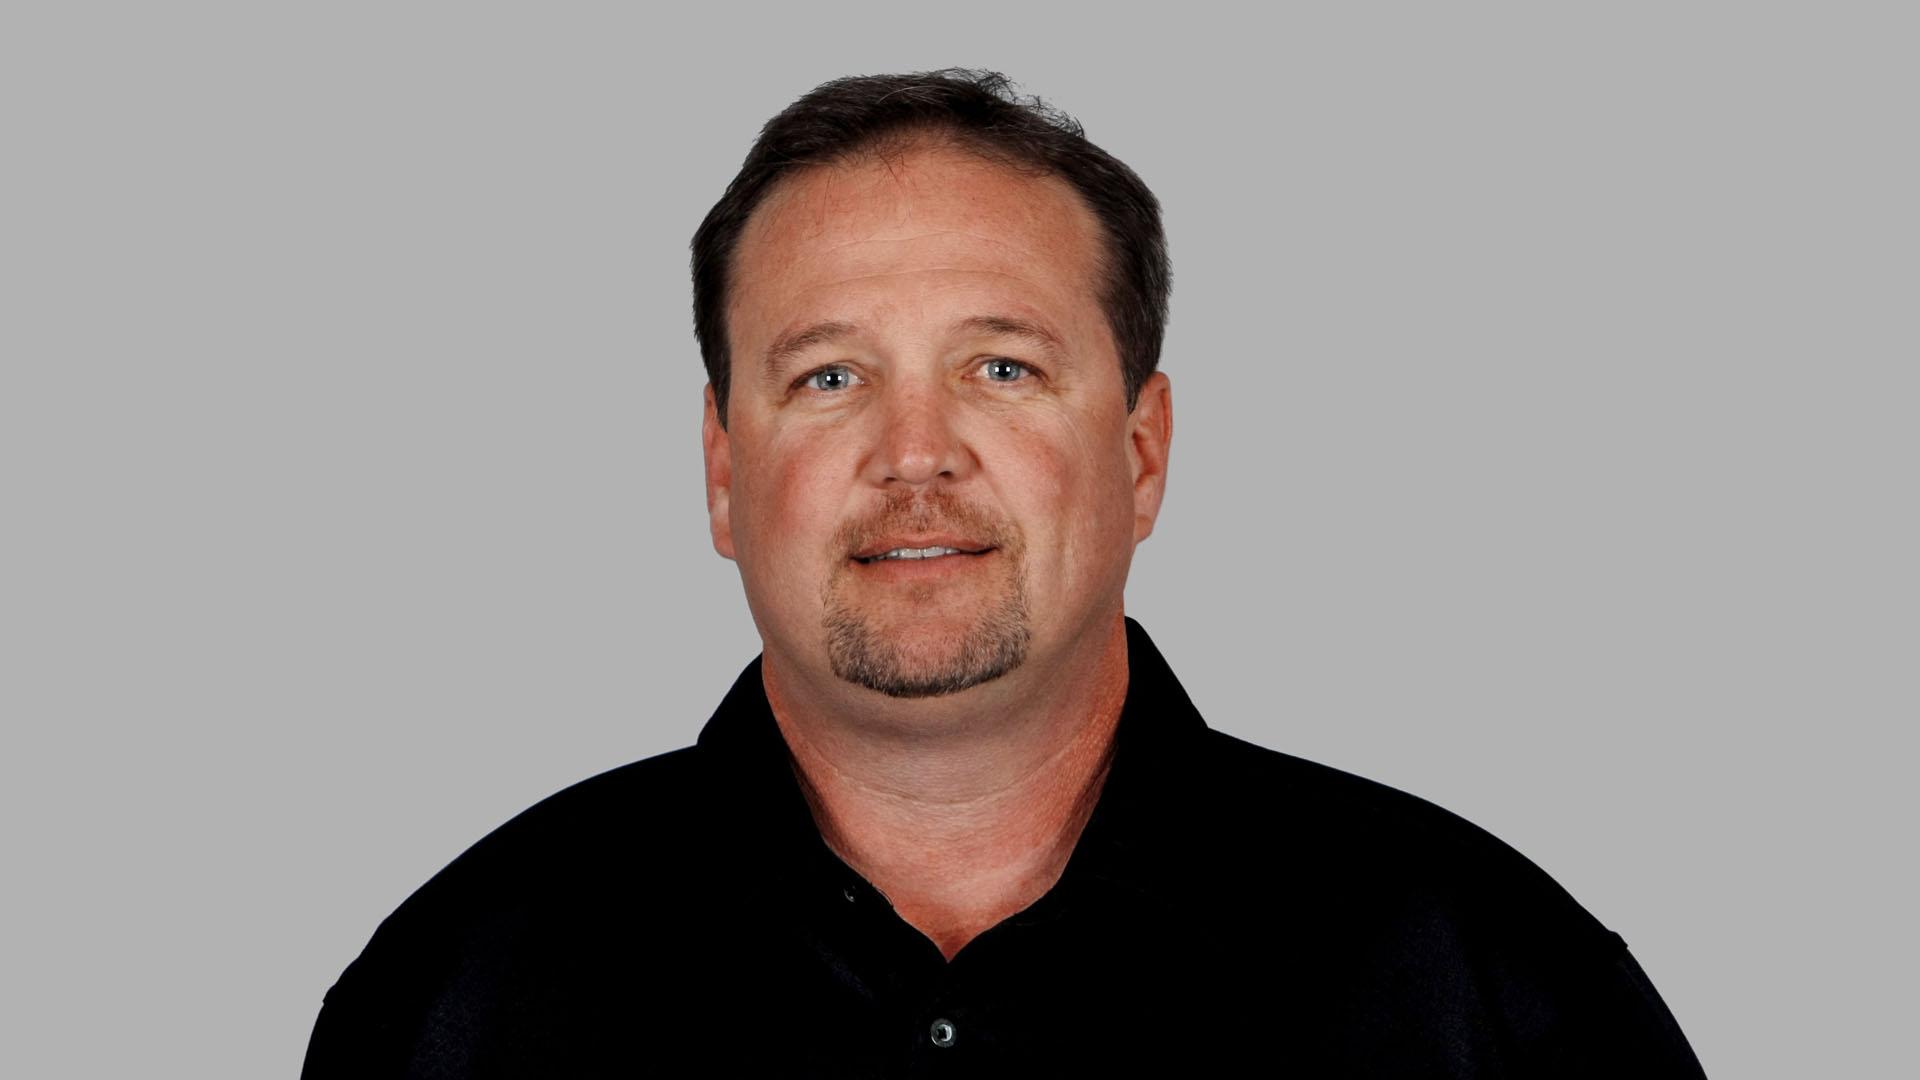 Ravens will not retain OC Marty Mornhinweg